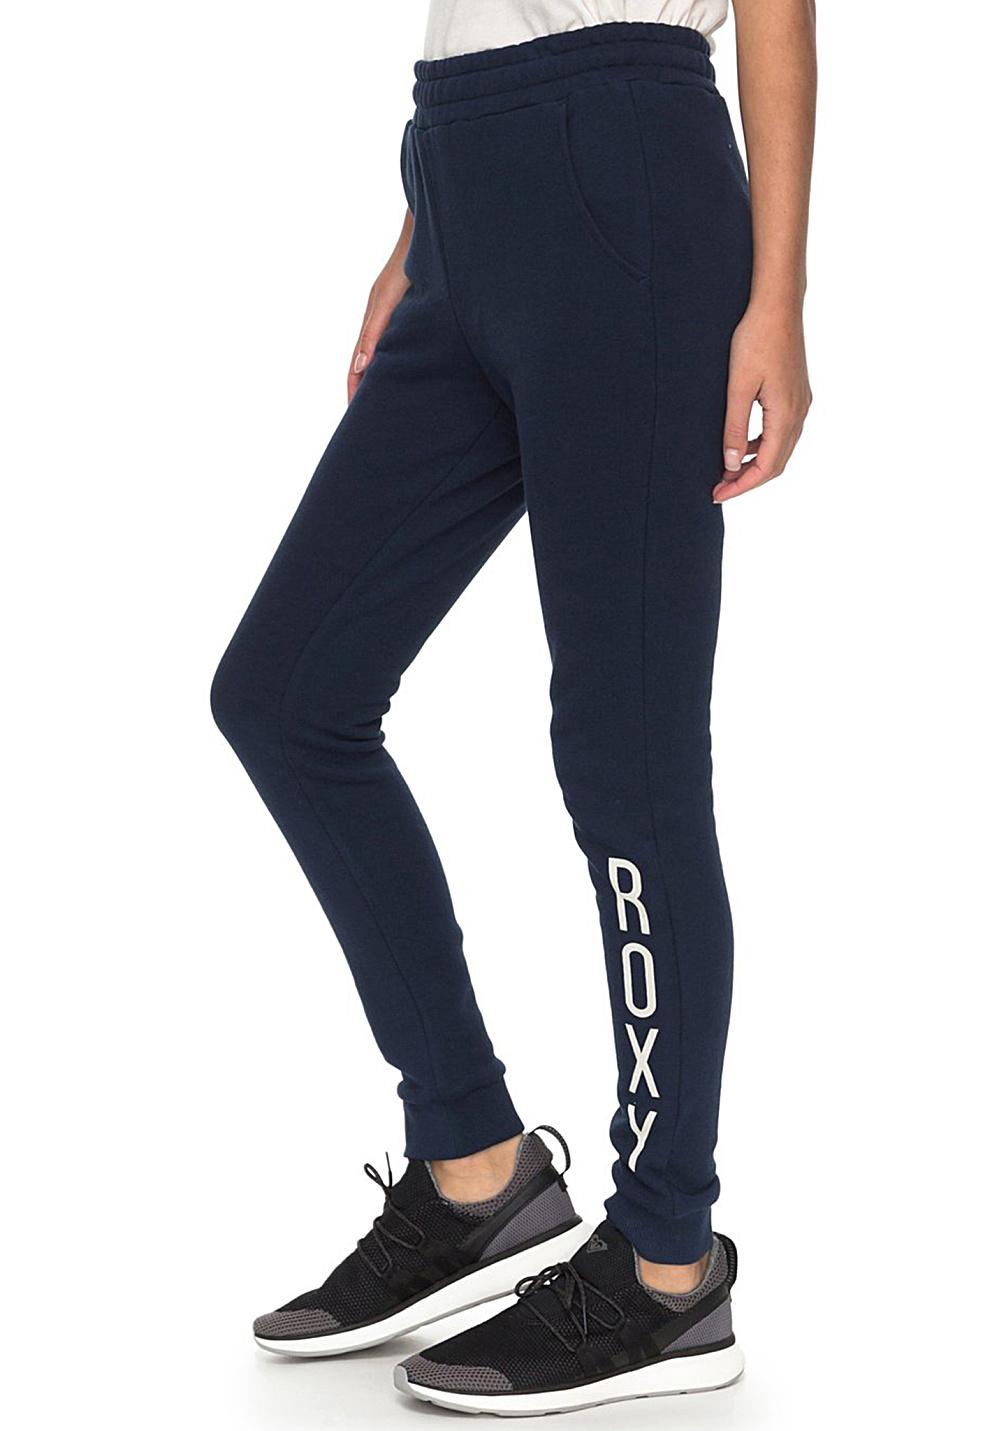 roxy-chill-together-pantalon-de-survetement-femmes-bleus